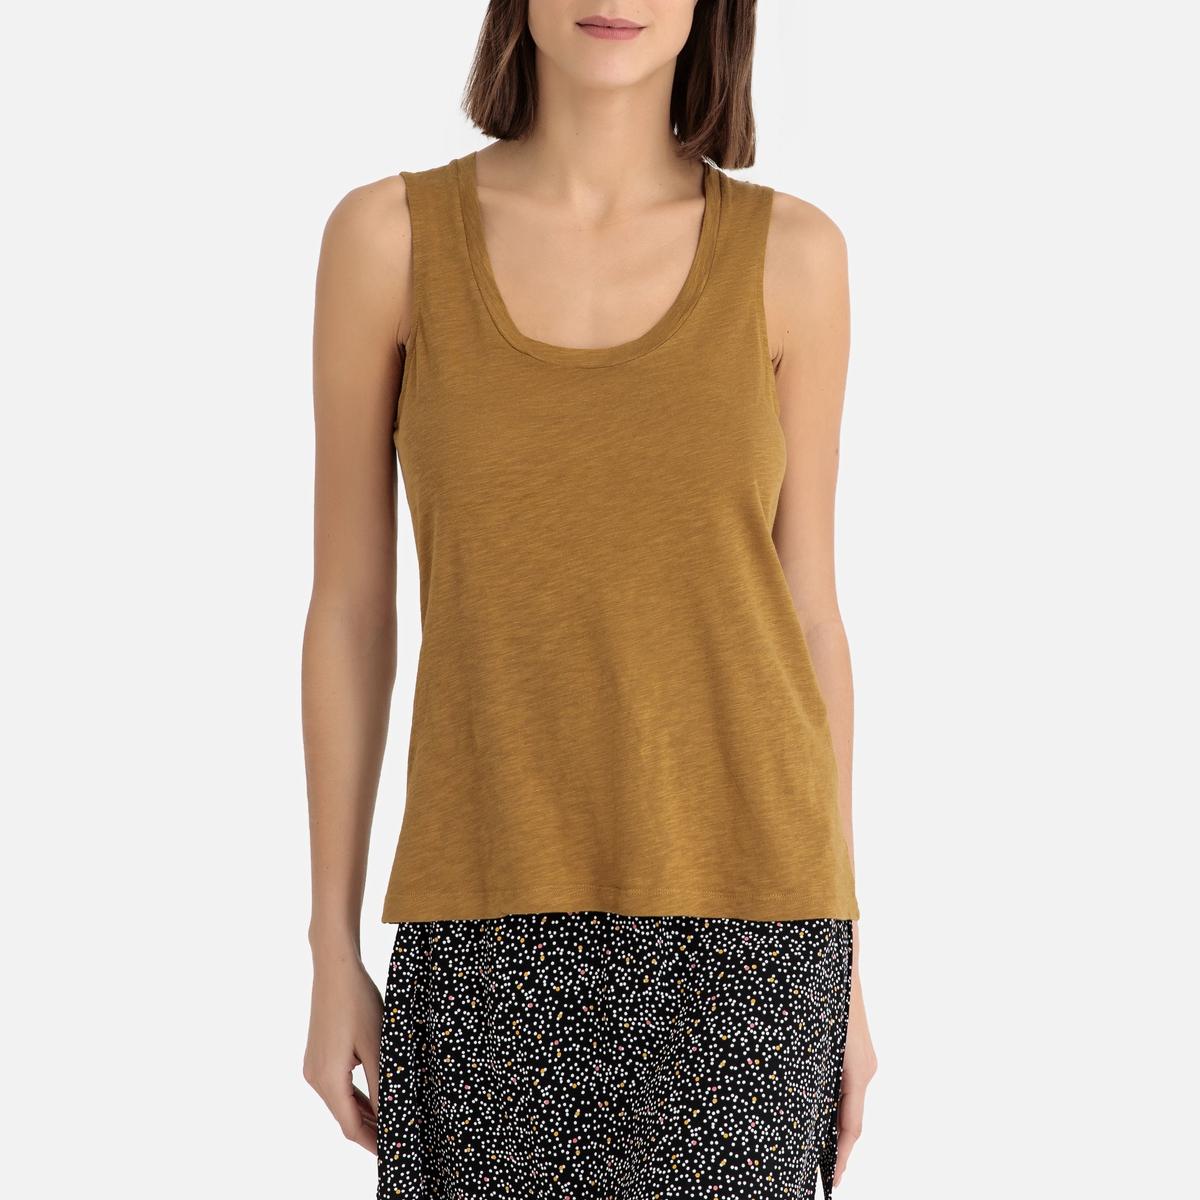 Imagen principal de producto de Camiseta sin mangas de algodón flameado JACKSONVILLE - American Vintage